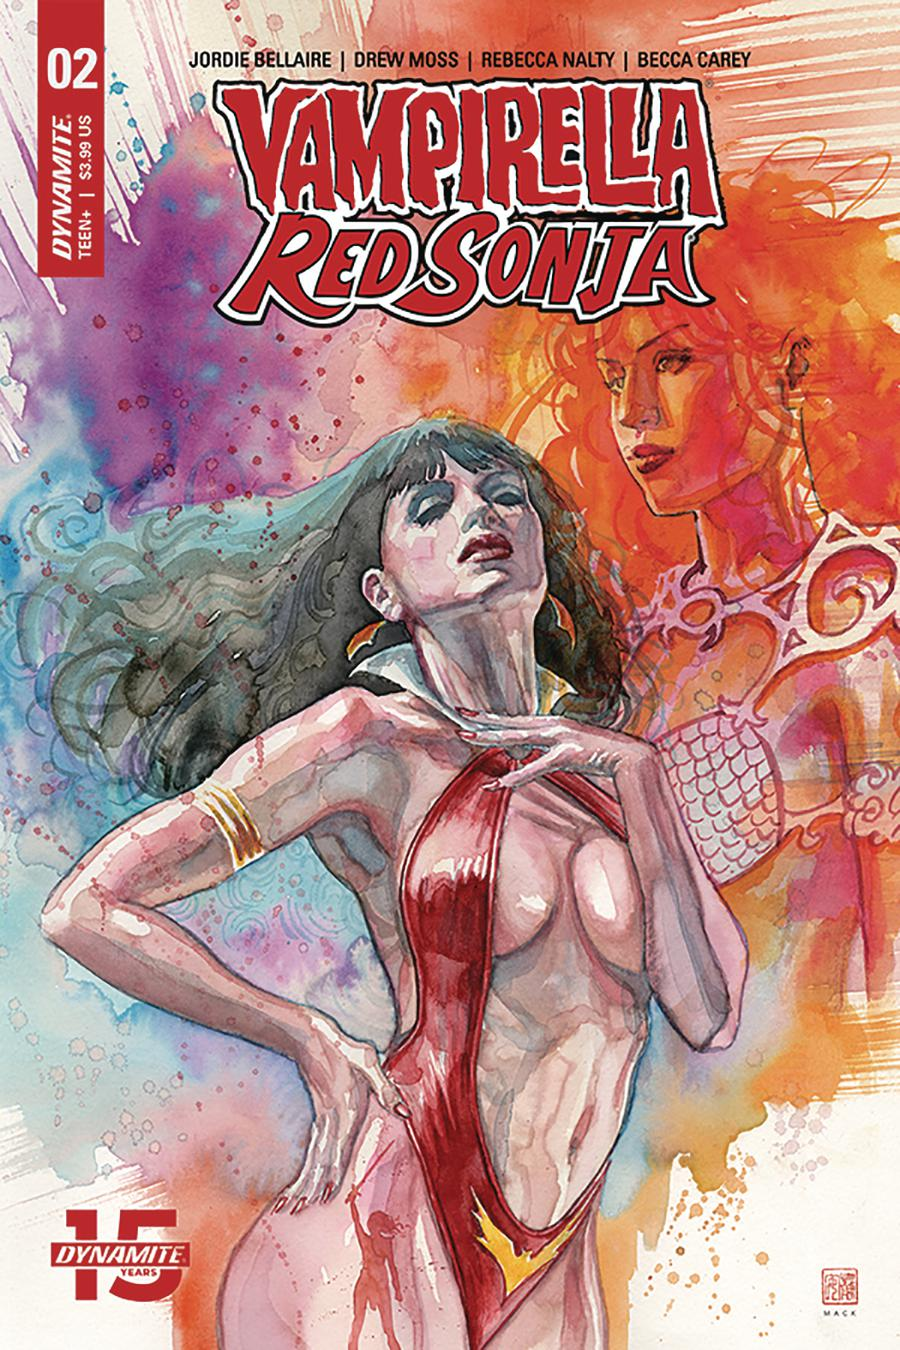 Vampirella Red Sonja #2 Cover B Variant David Mack Cover